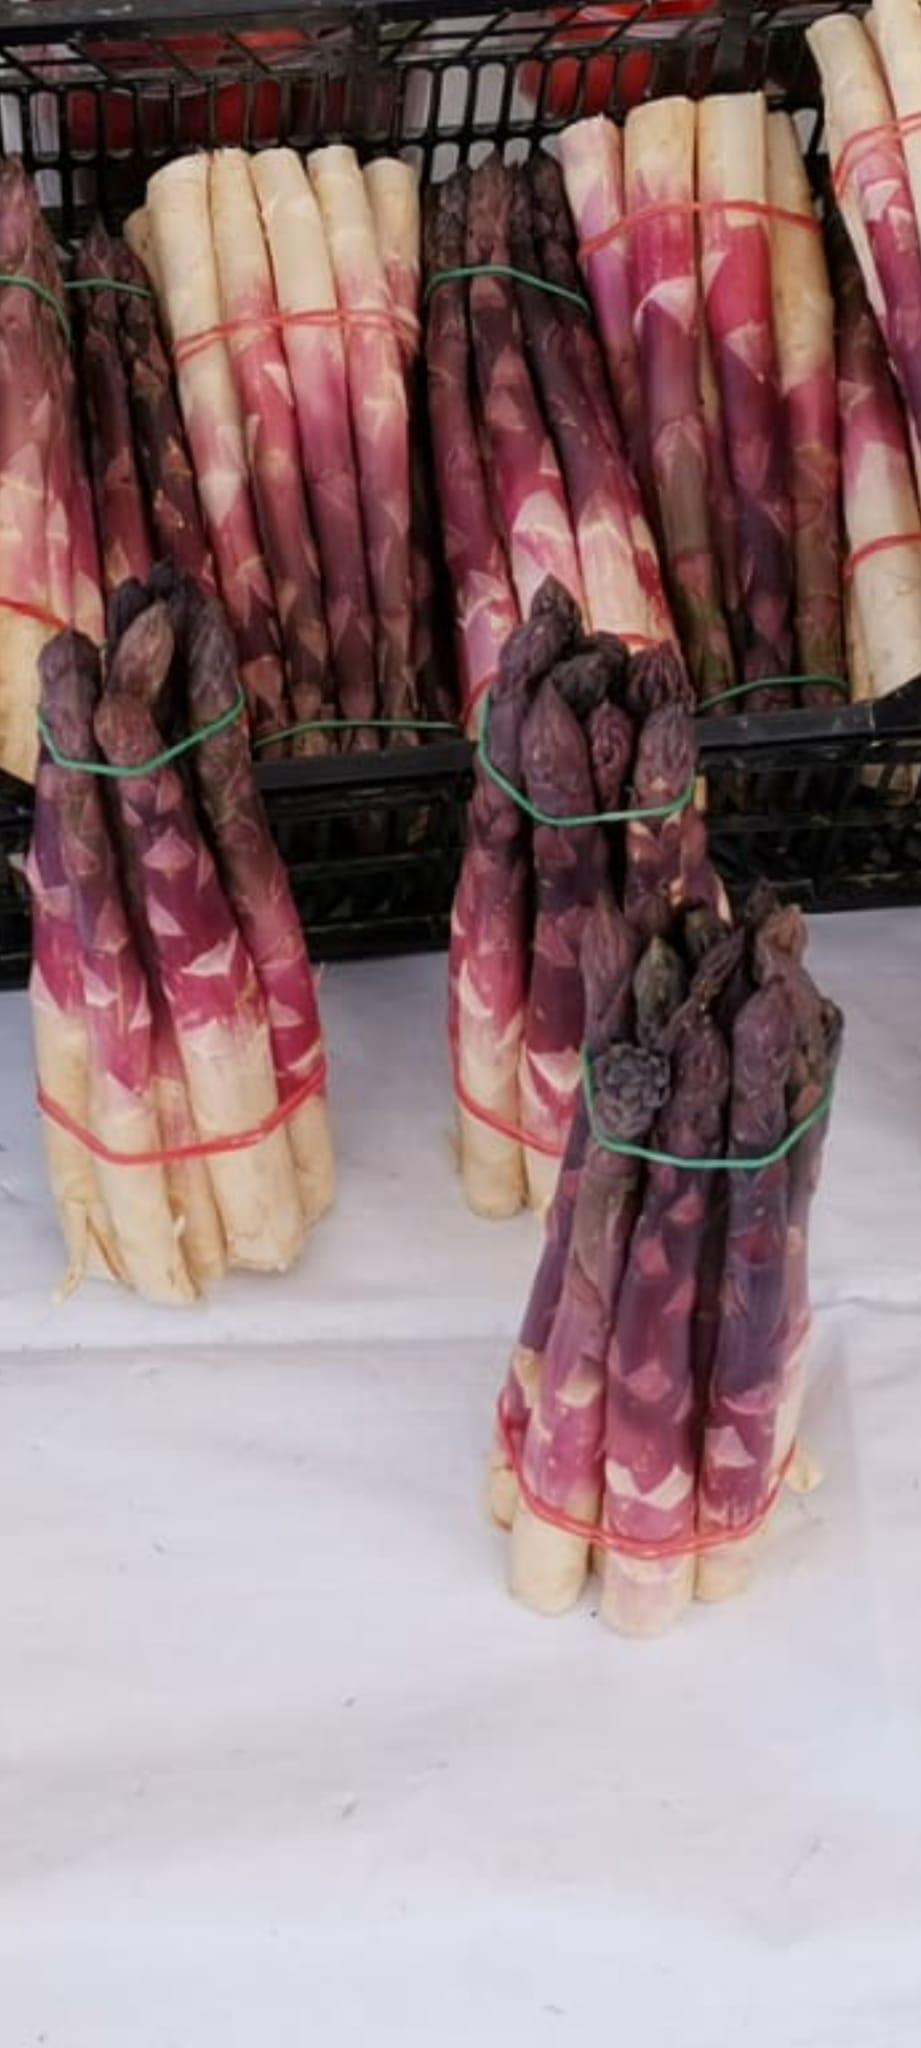 asparago viola albenga